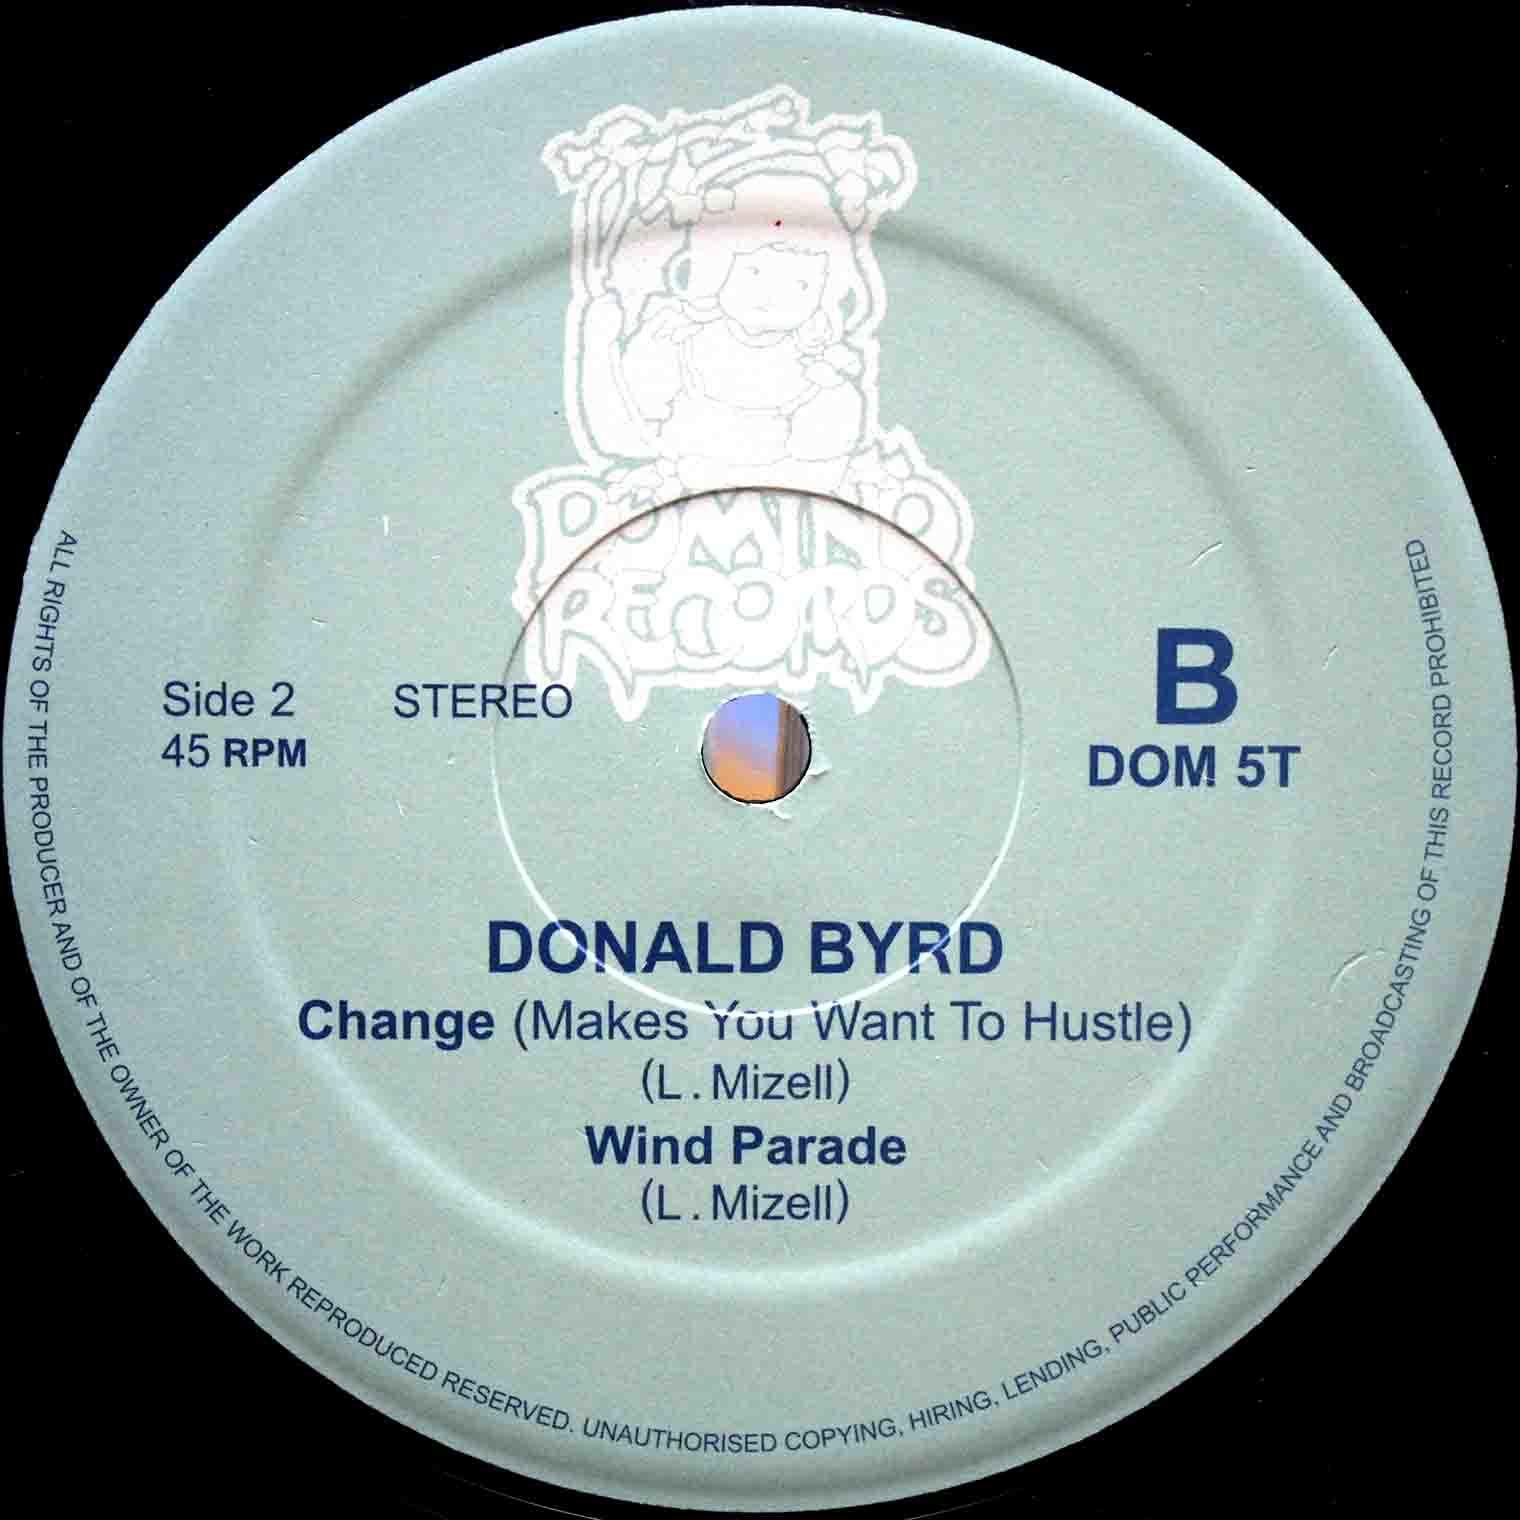 Donald Byrd – Change 02